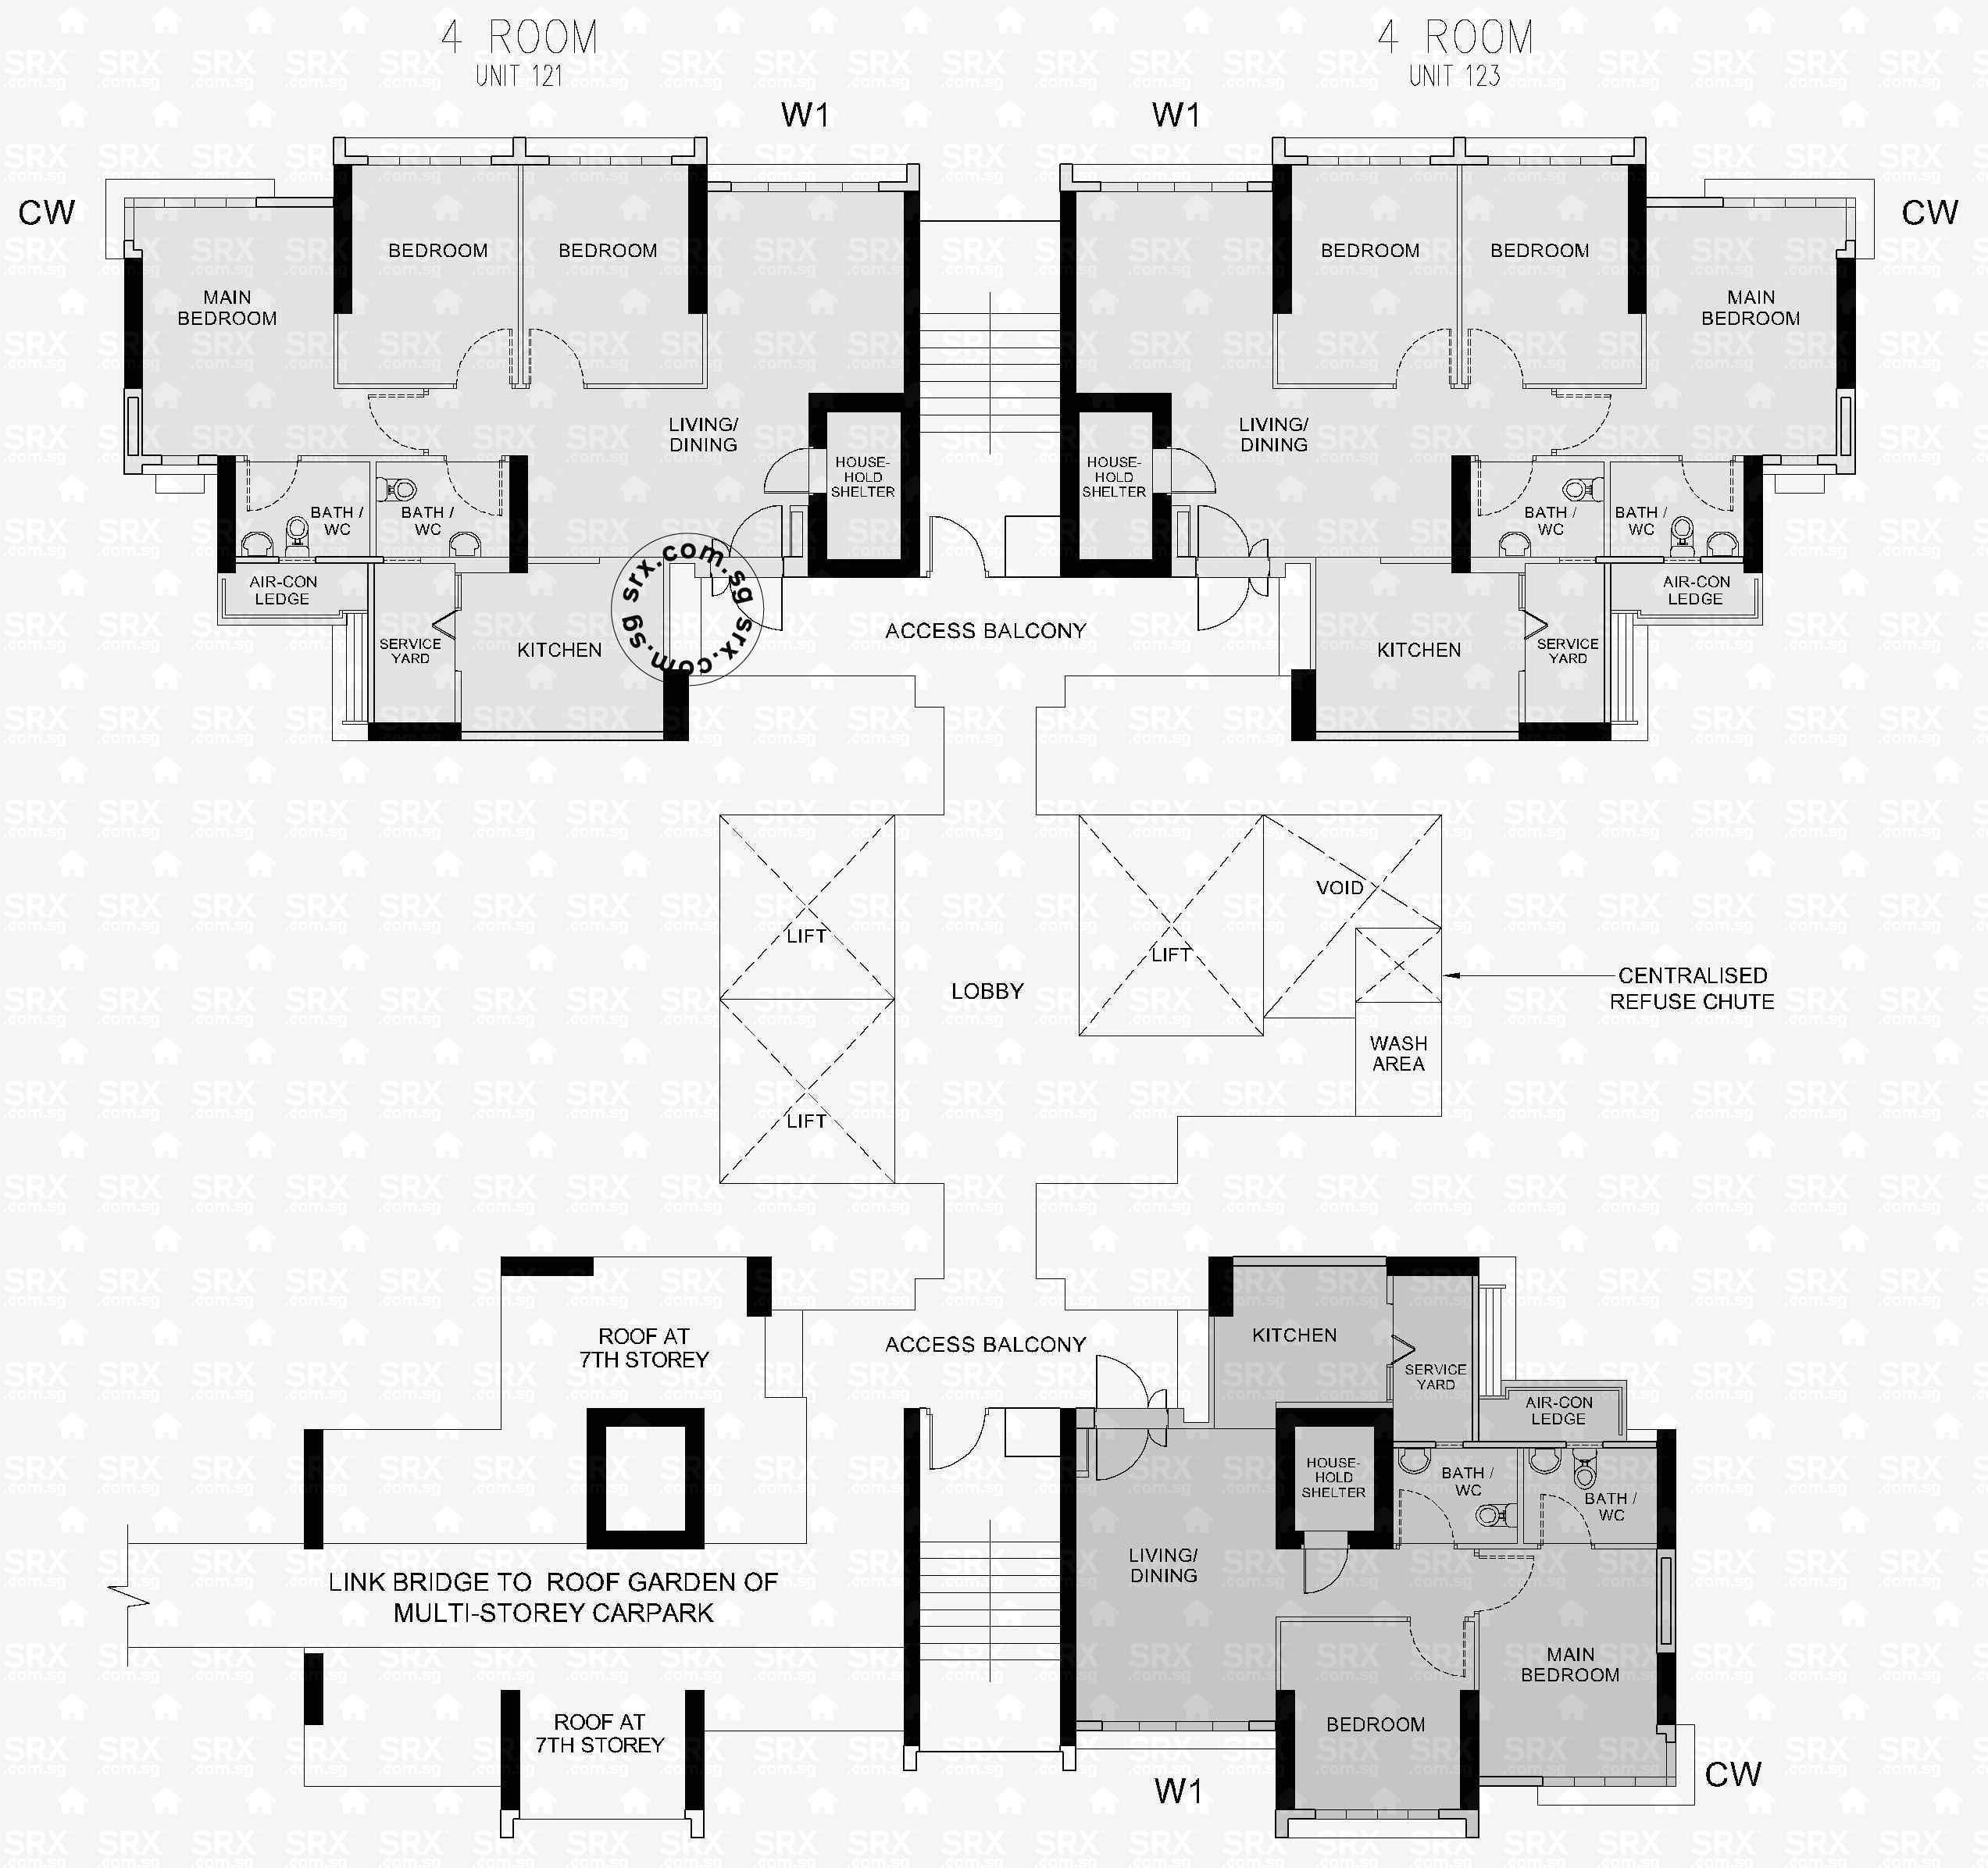 clementi avenue  hdb details  srx property - clementi avenue  floor plan image